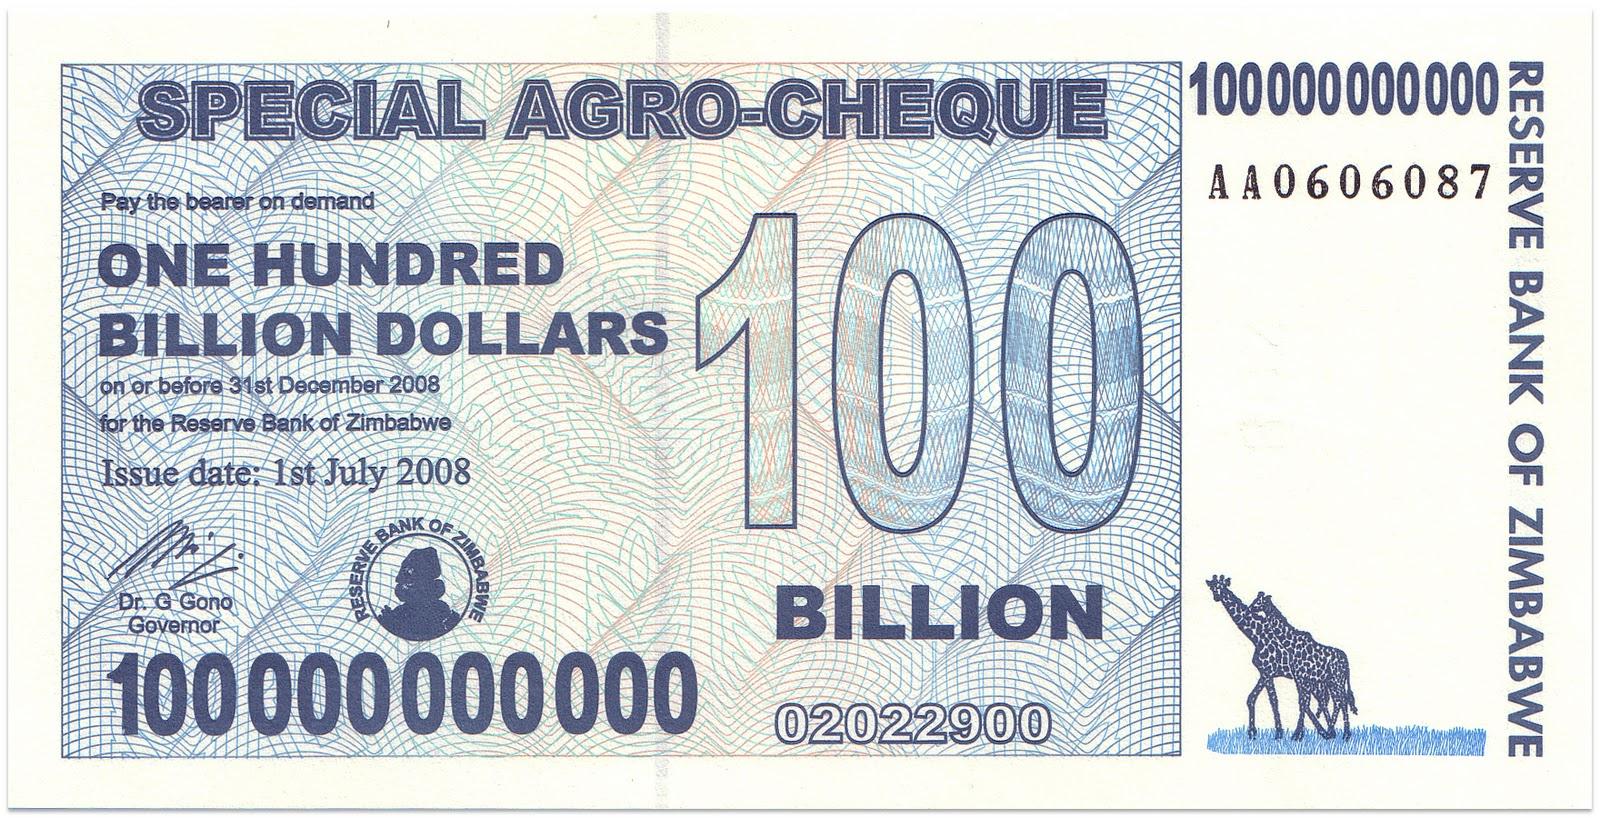 1 crore rupees in euro